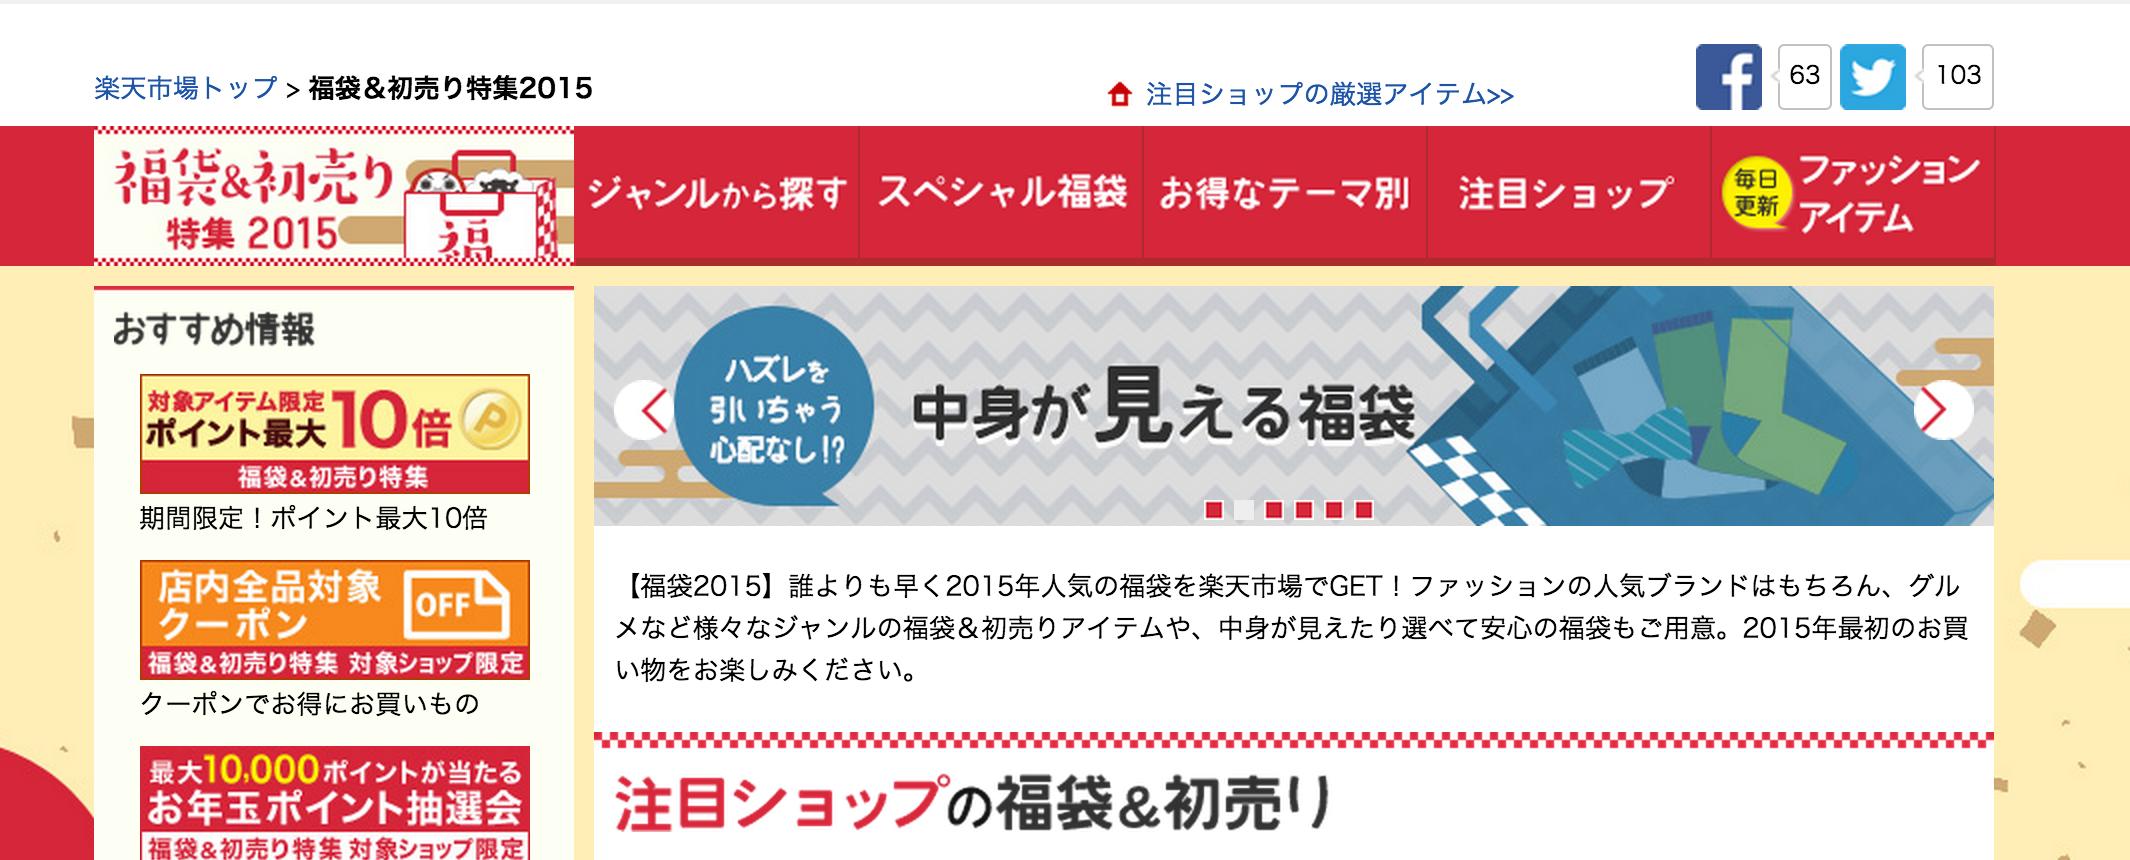 スクリーンショット 2015-01-05 17.39.39